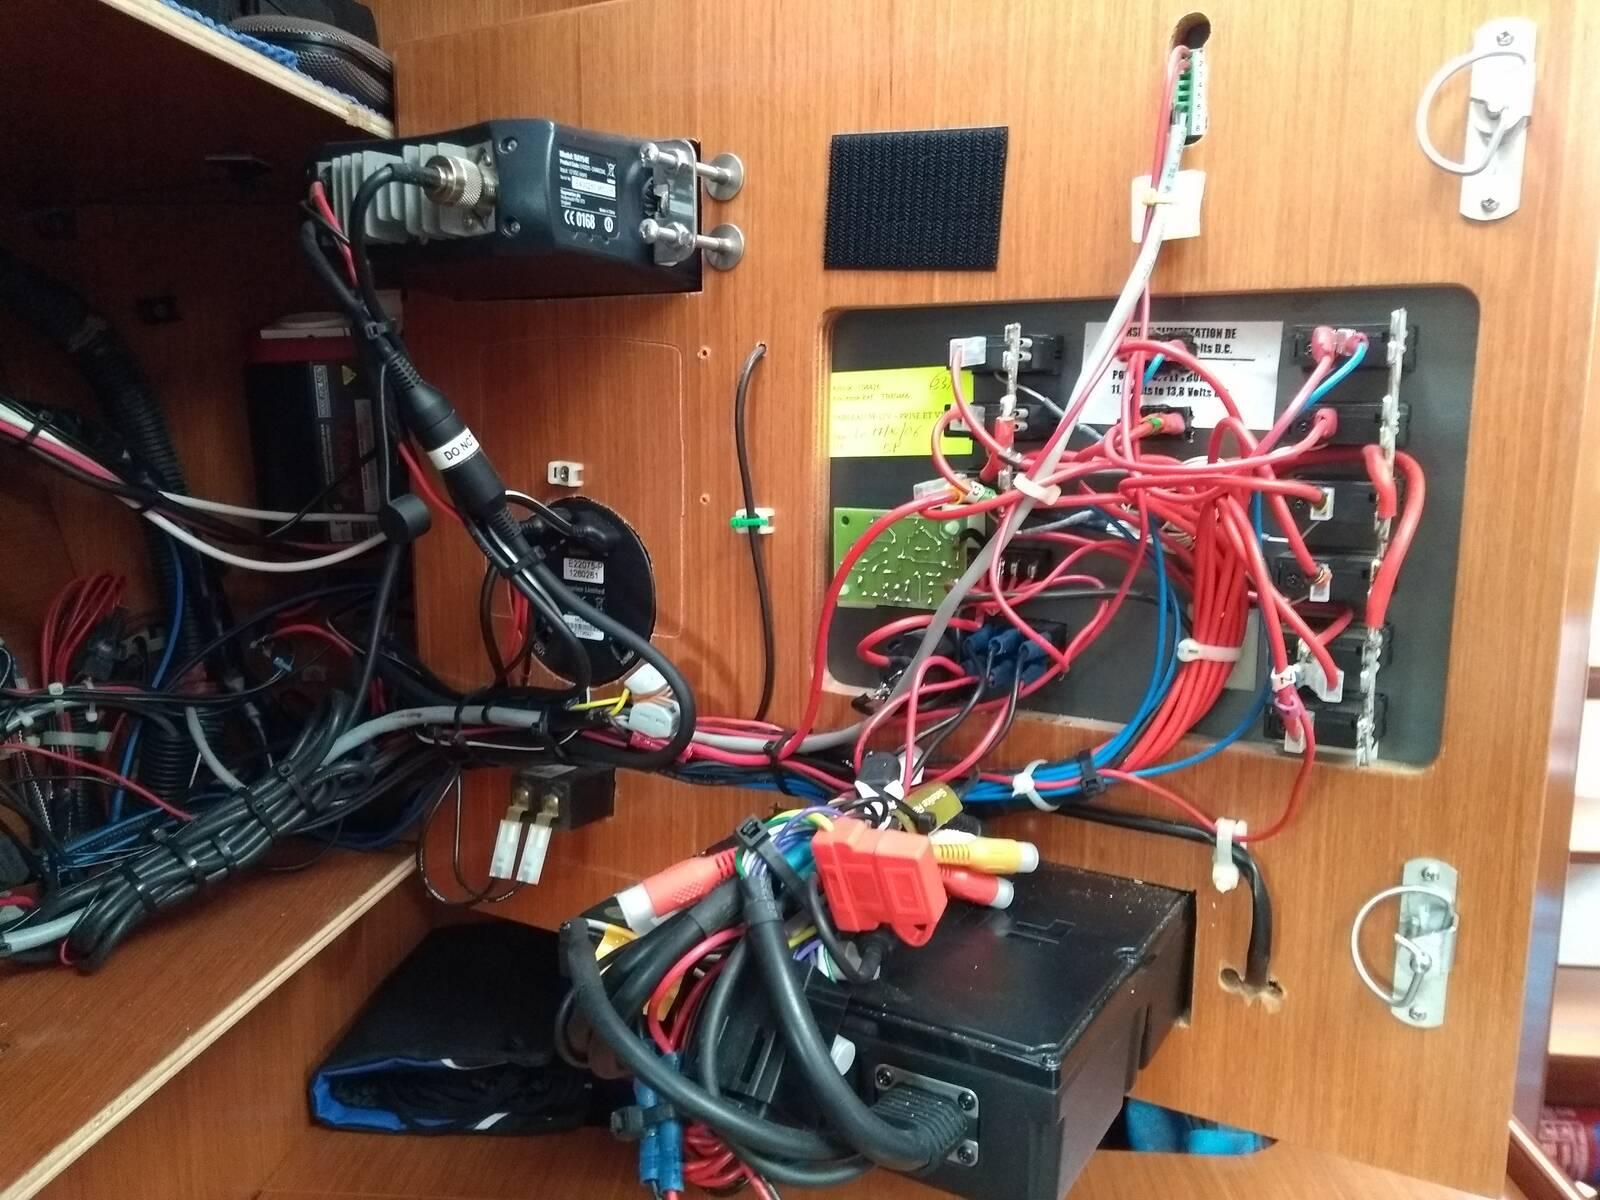 Beneteau Oceanis 343 electric